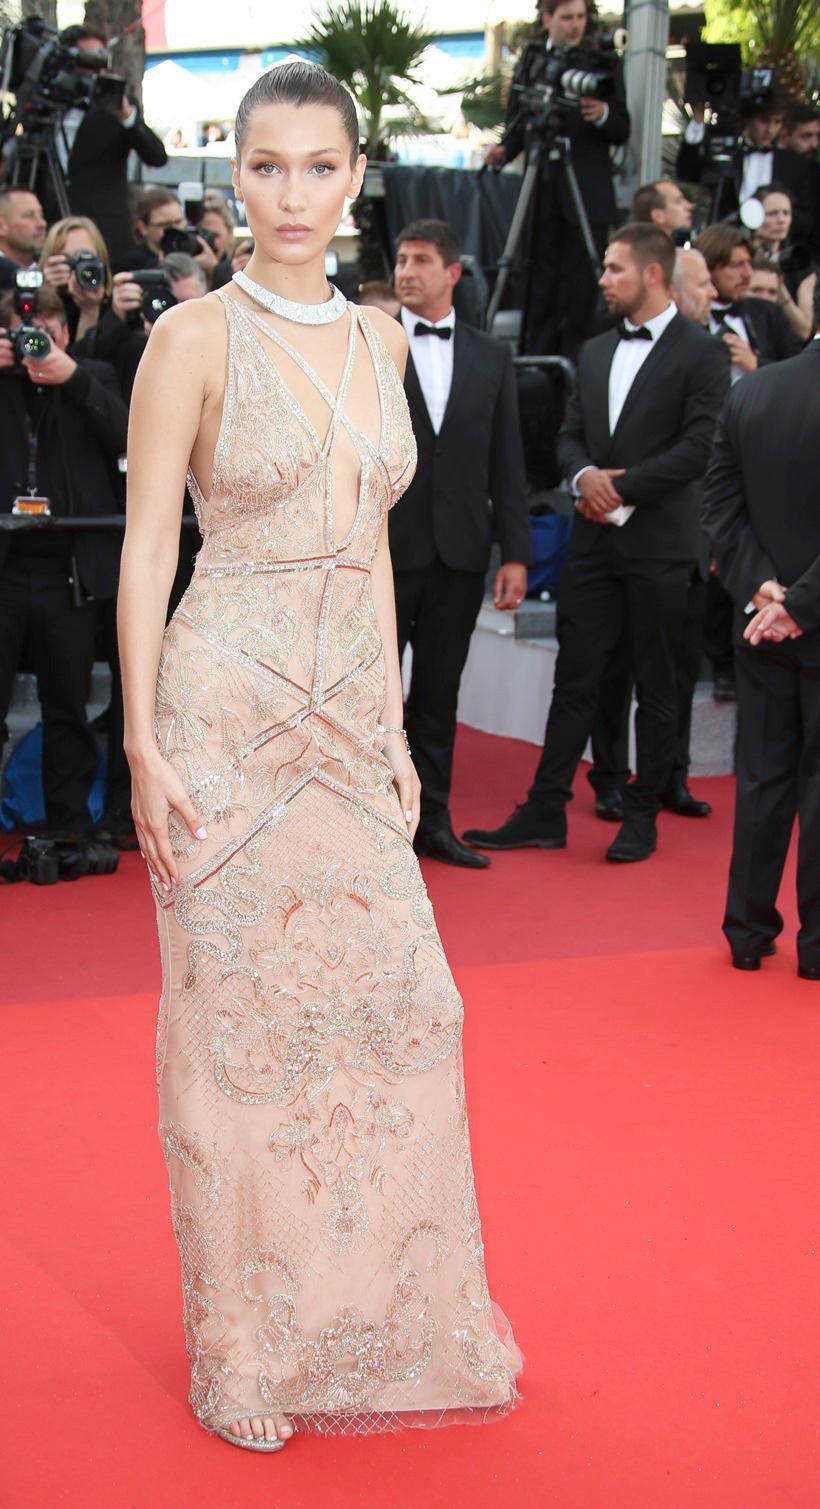 Dalani, Cannes, Moda, Passione, Cinema